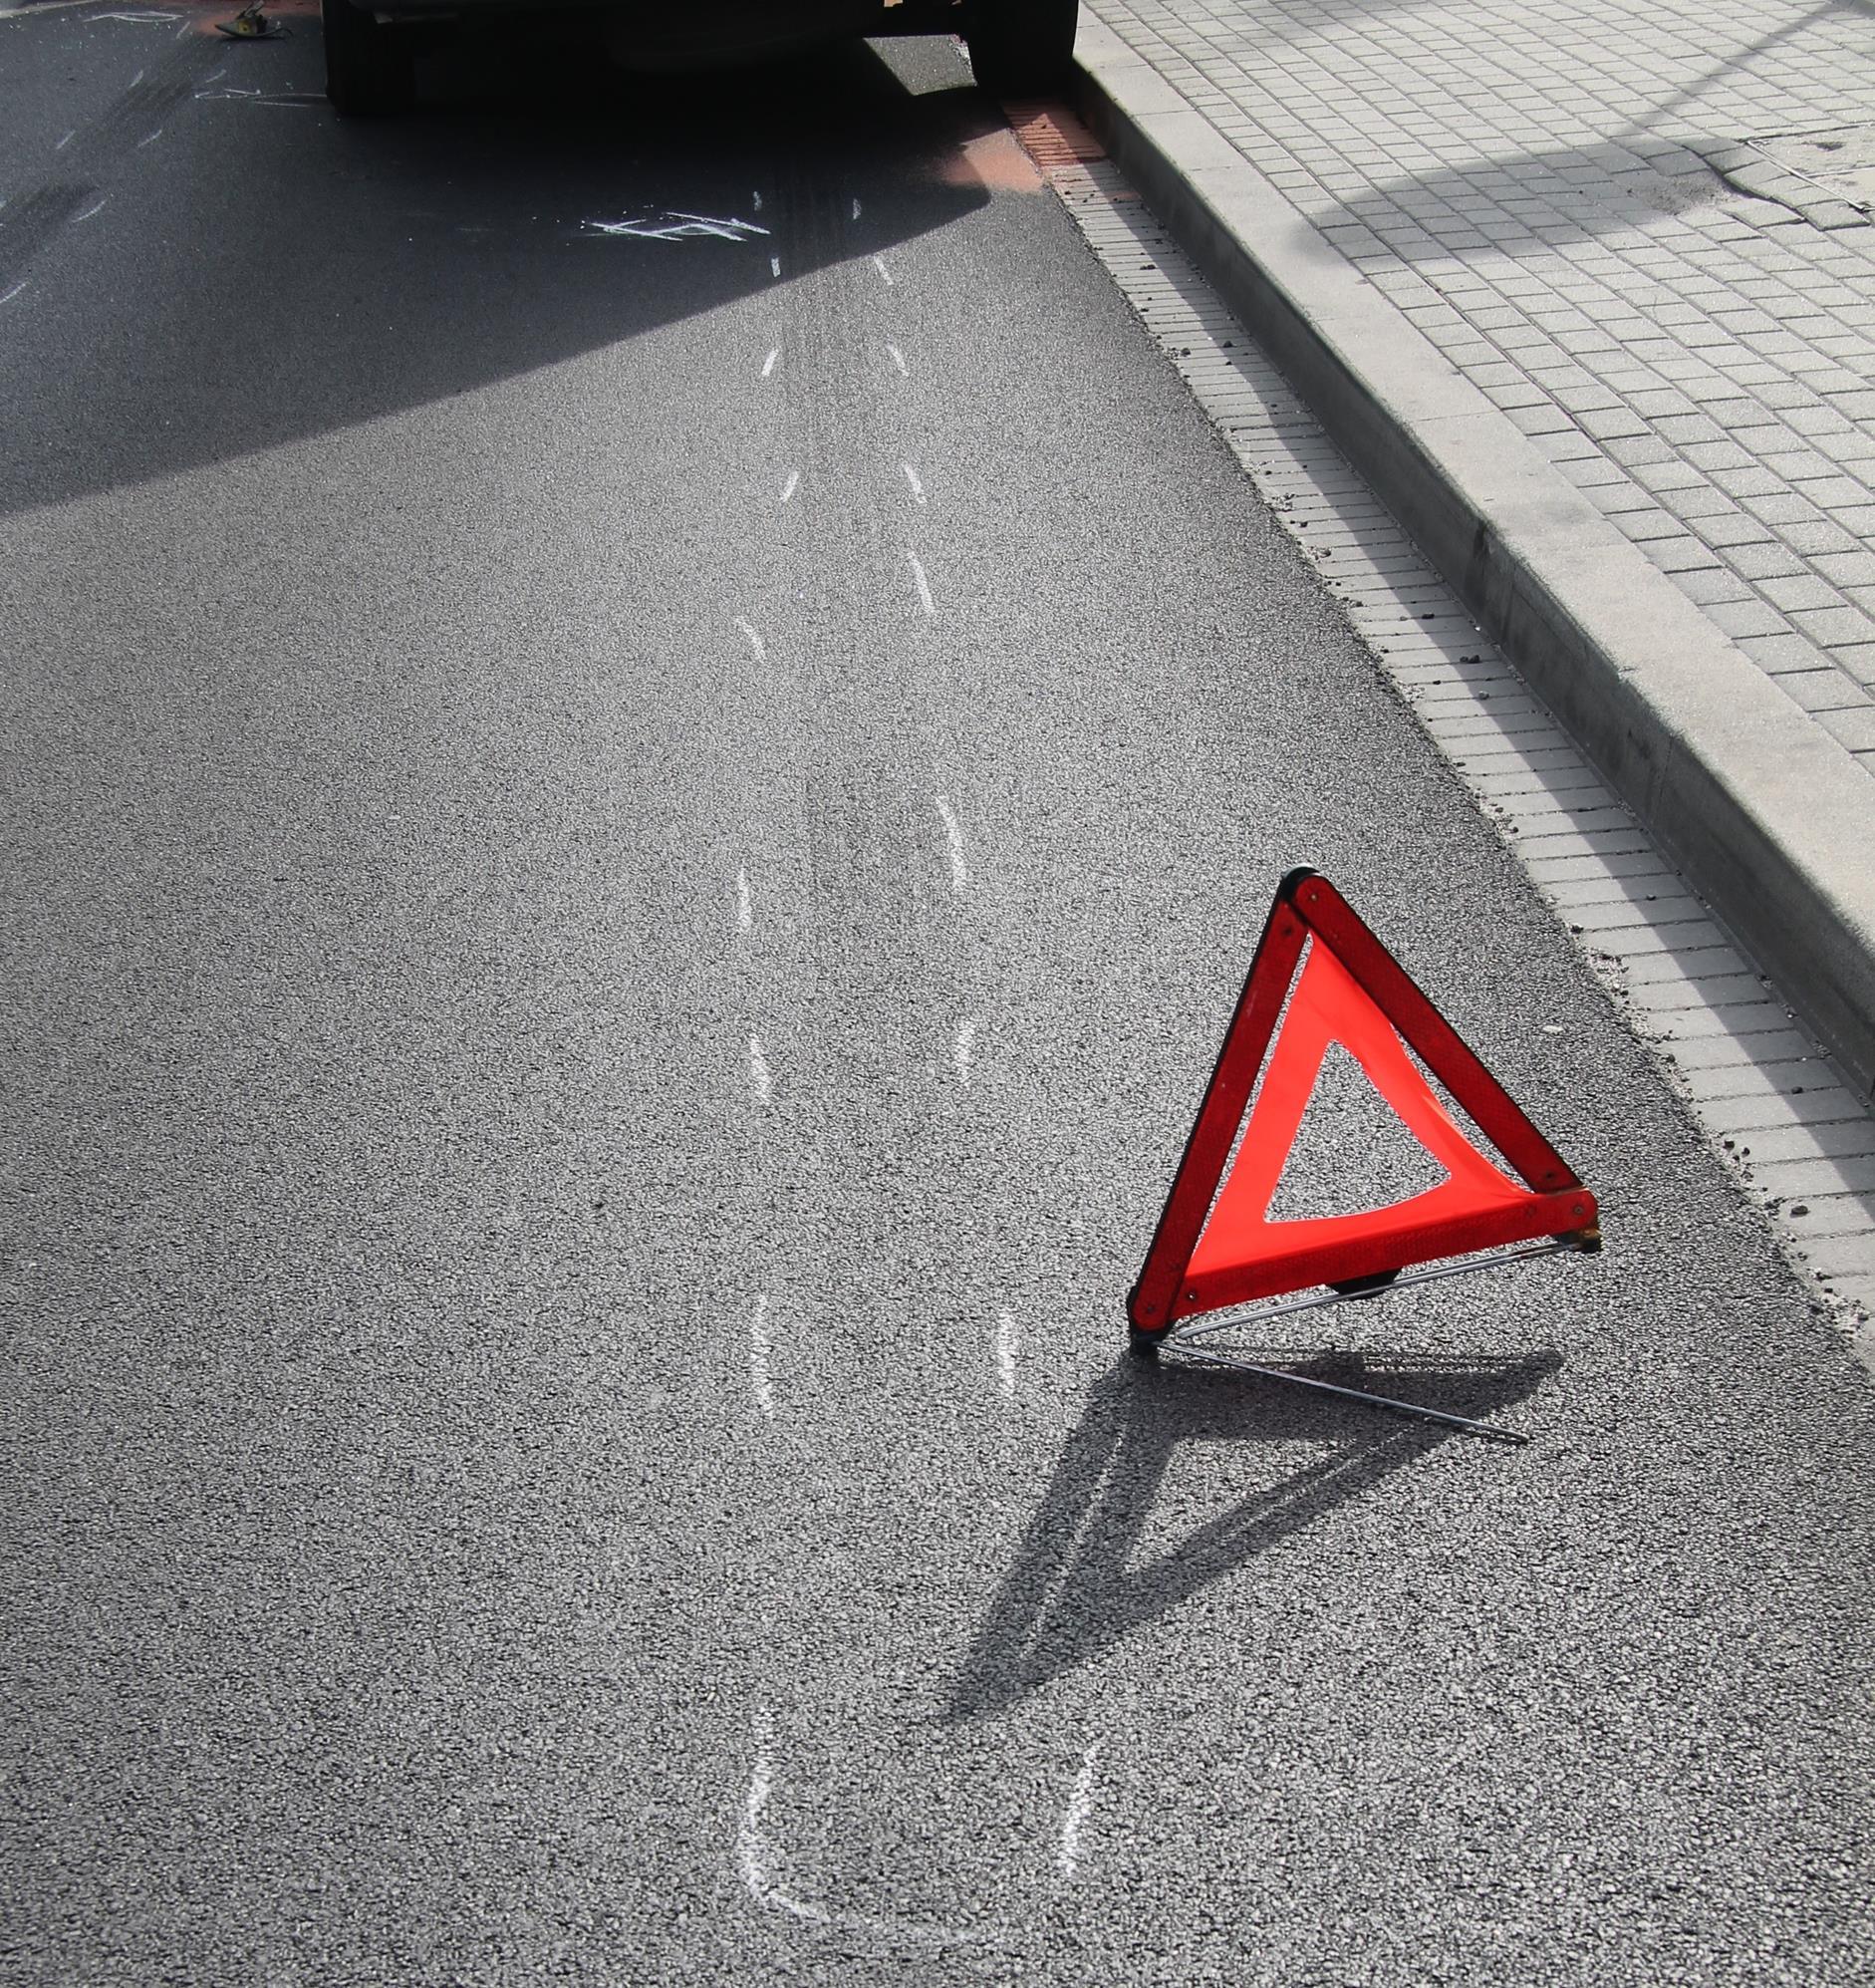 Kolizja drogowa na Beskidzkiej z udziałem mieszkańca Andrychowa i Osieka